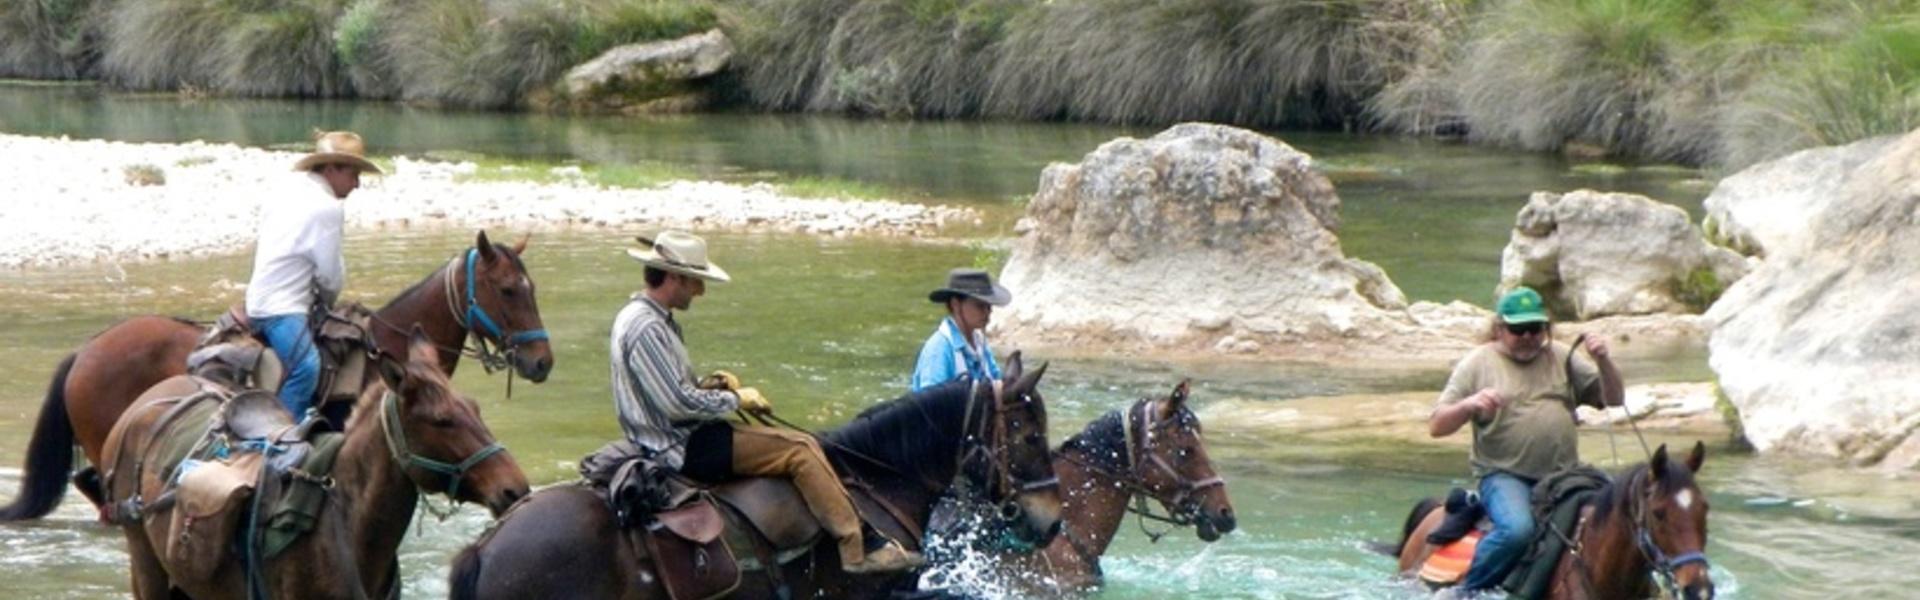 randonnée cheval pyrénées